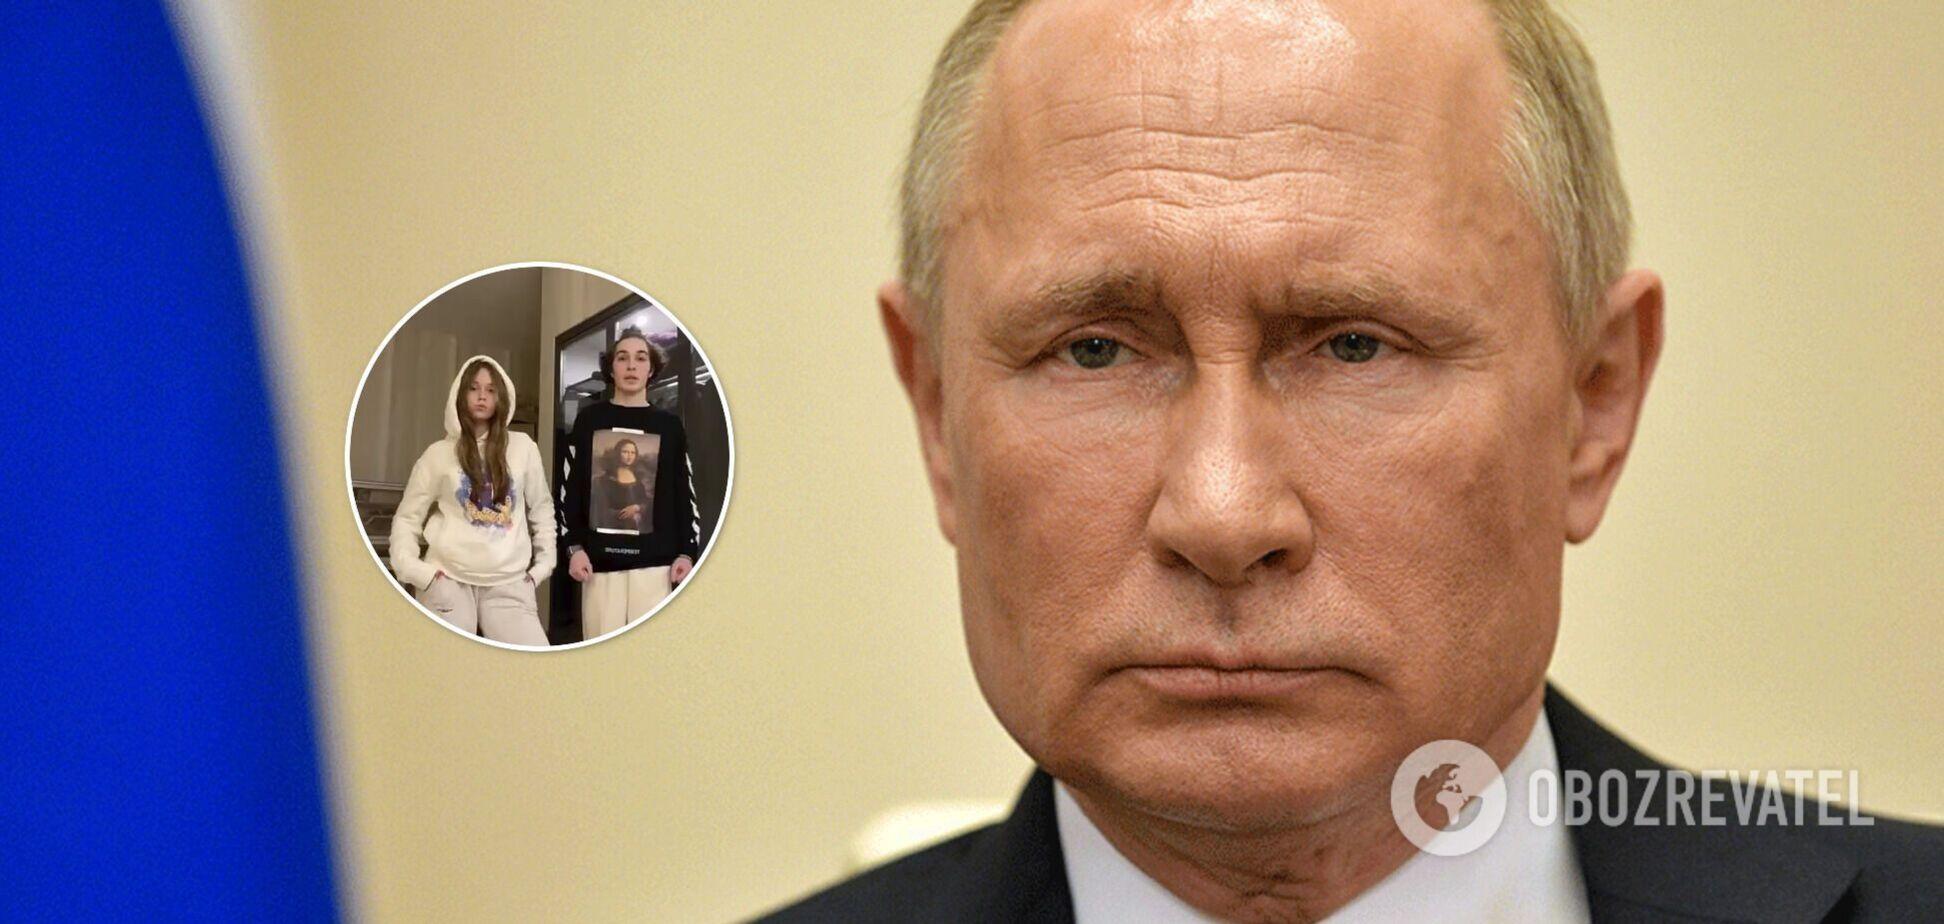 'Дочь' Путина развлекается с Робертом Скигиным